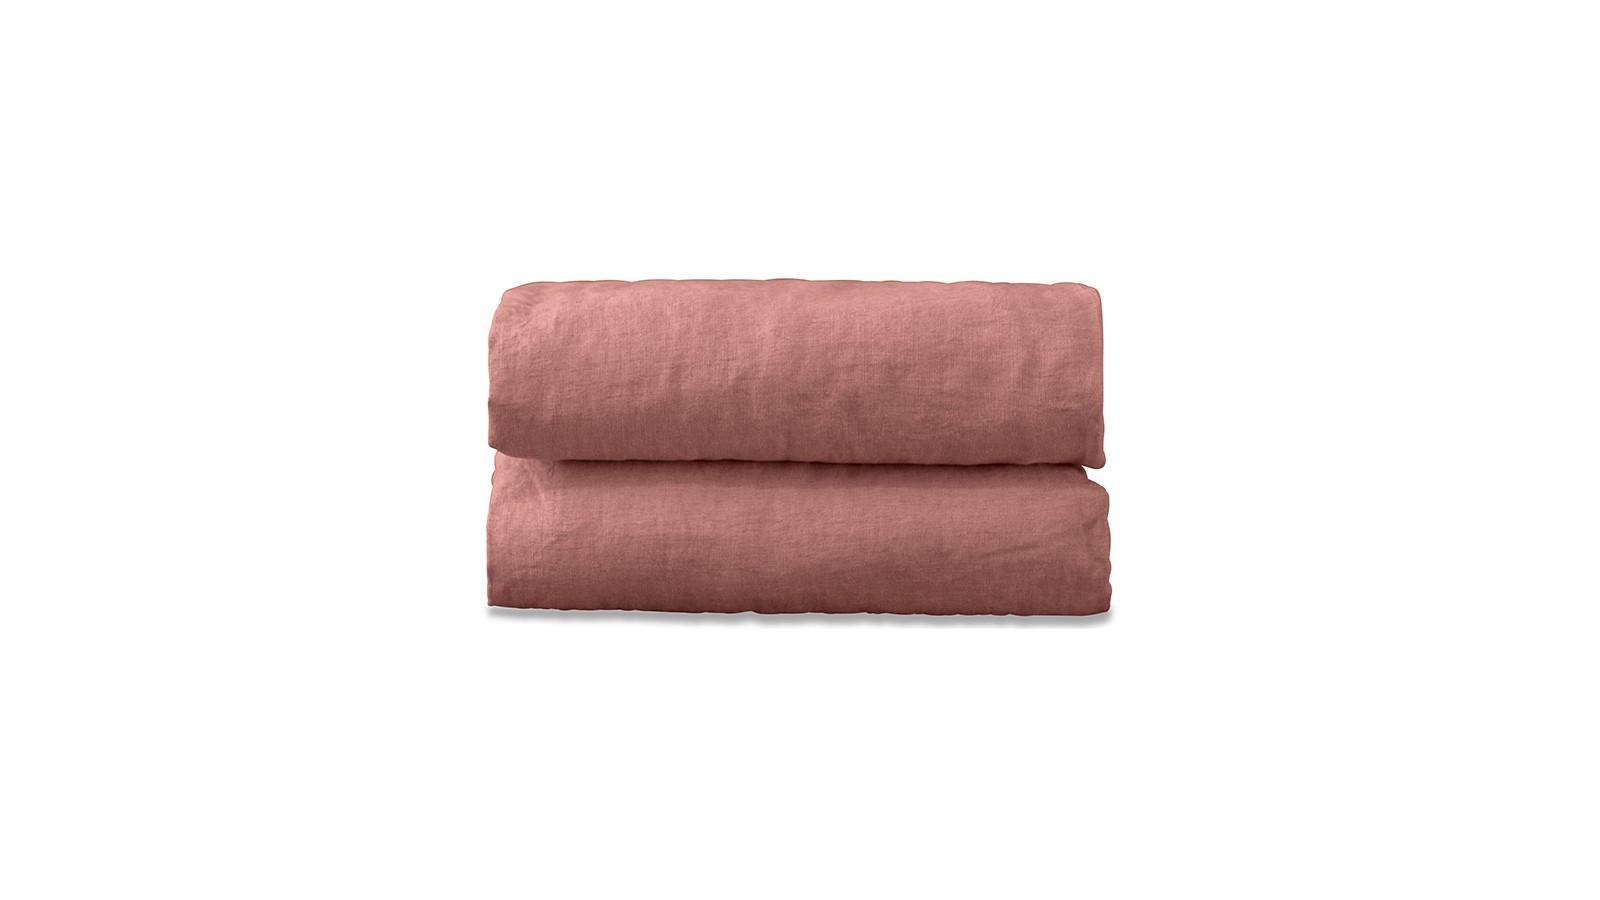 Drap plat 2 personnes en lin lavé uni Rose Boudoir